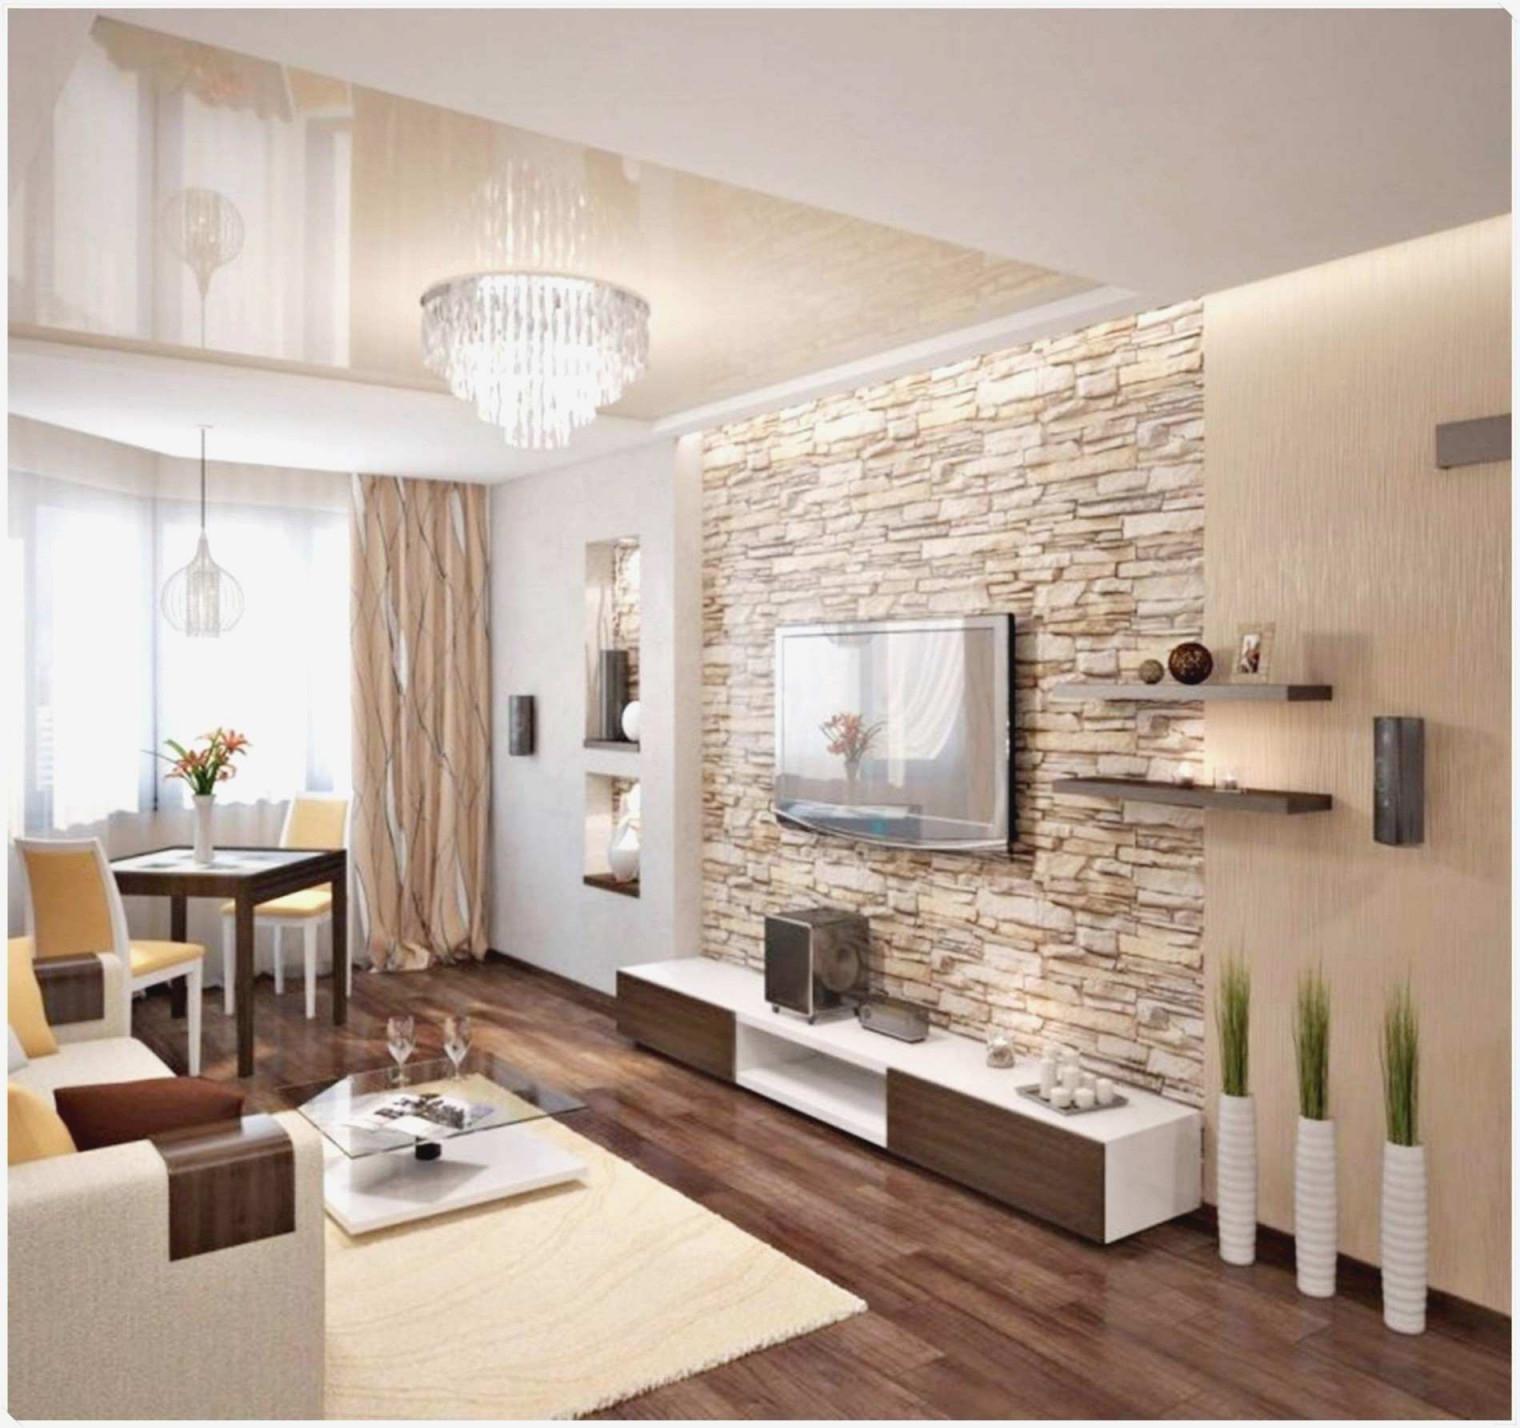 Bilder Fur Wohnzimmer Mit Rahmen – Caseconrad von Bilder Für Wohnzimmer Mit Rahmen Bild